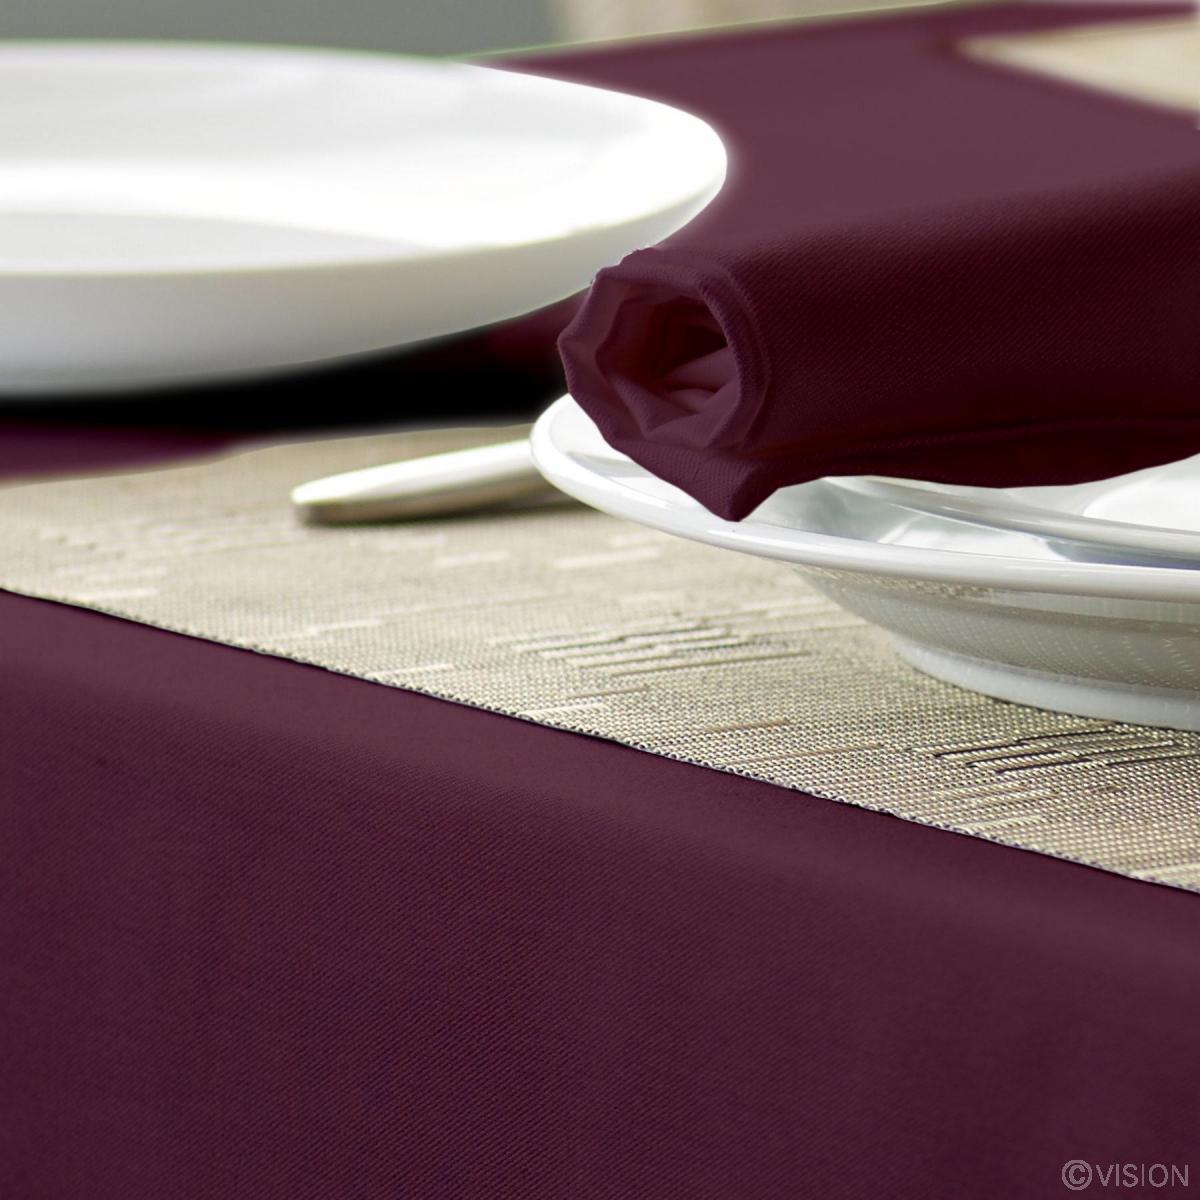 Alpha Claret Coloured Circular Tablecloth 100% Spun Polyester